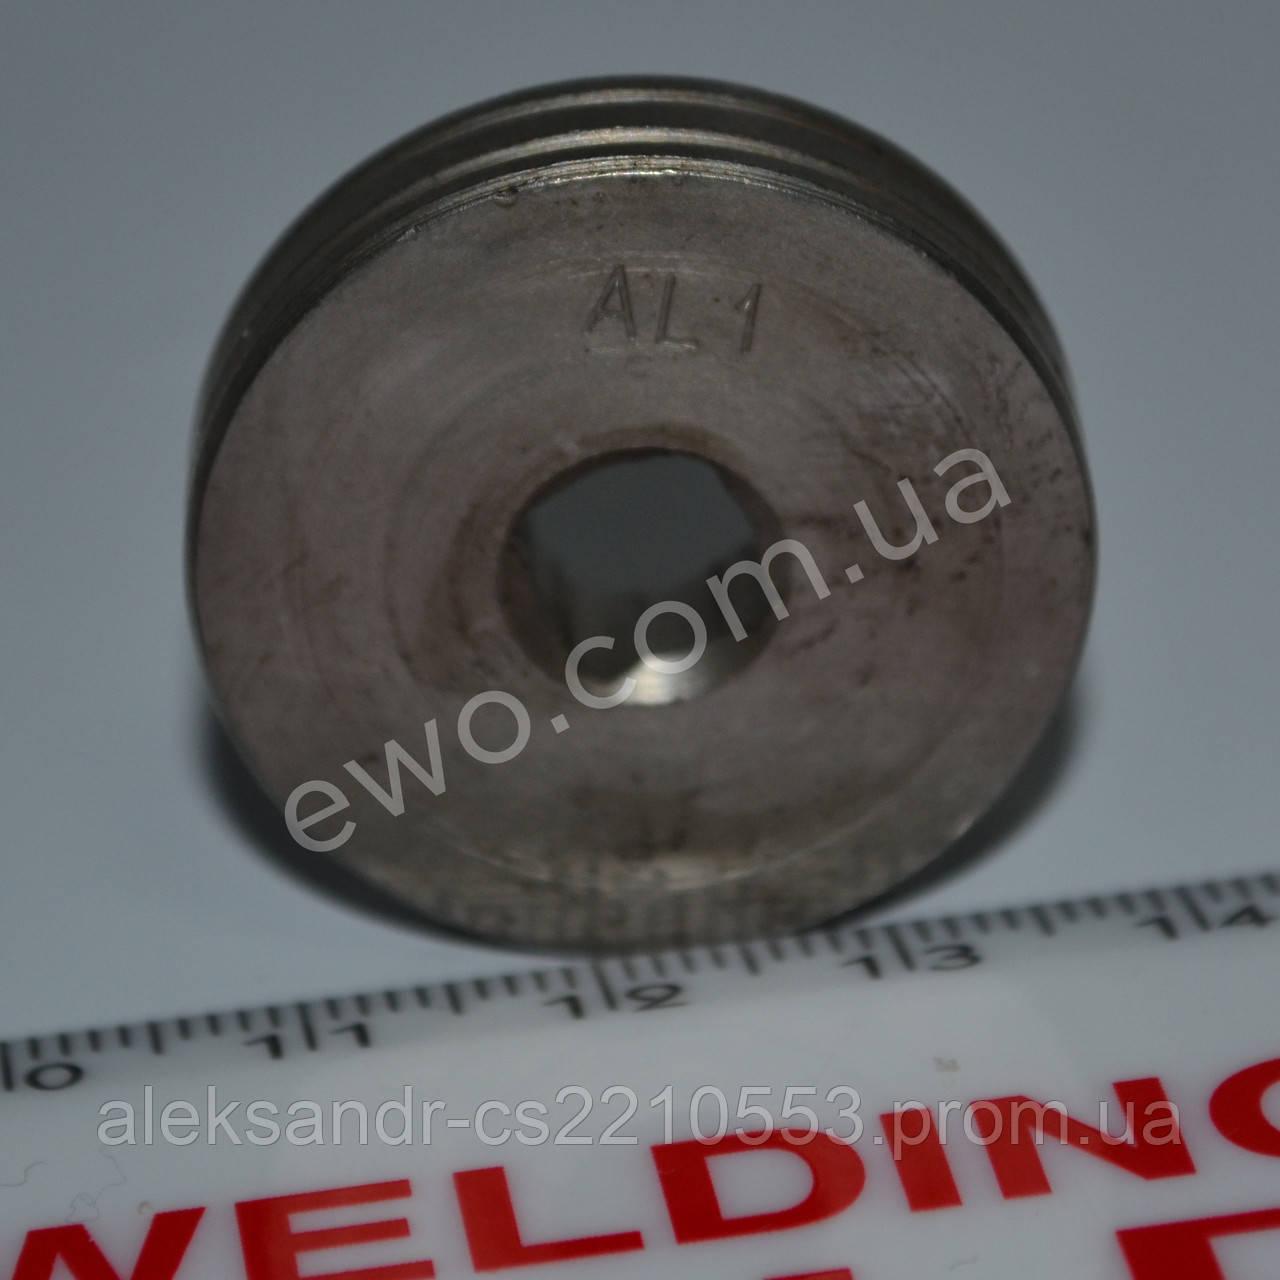 Telwin 722629 - Ролик подающего механизма под Alu проволку 1.0 мм